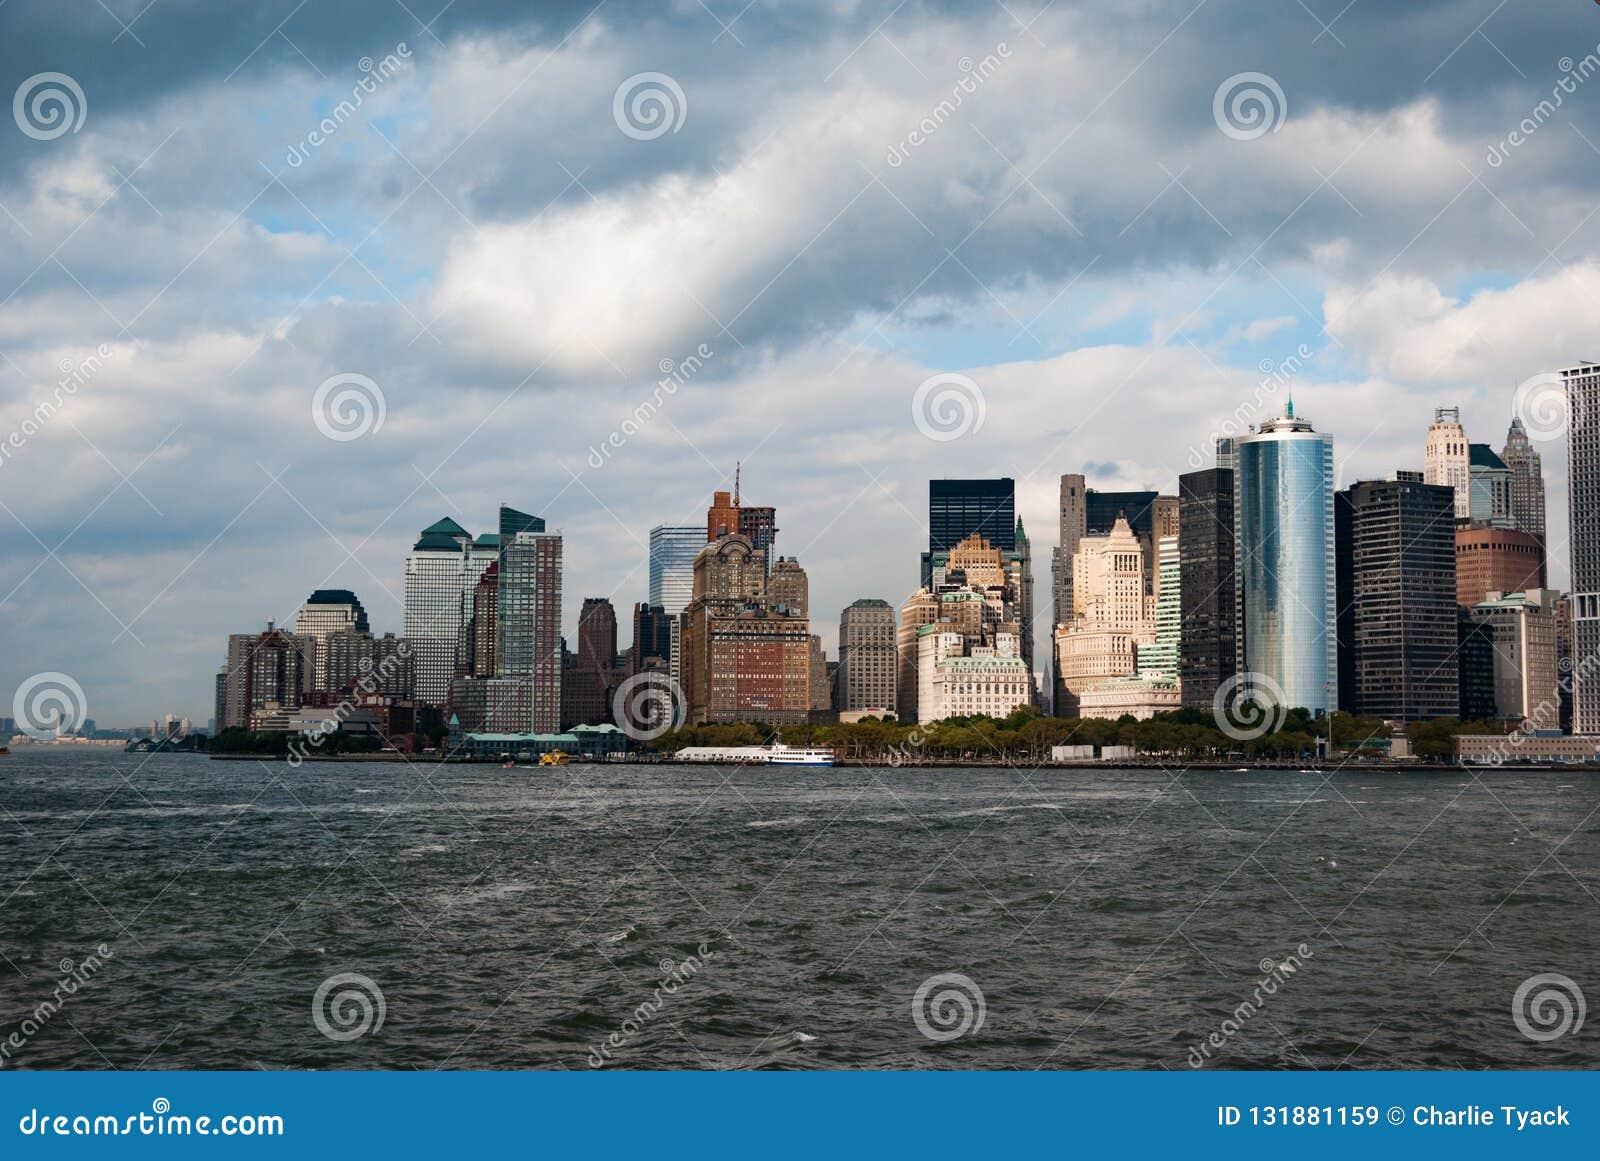 Манхэттен как осмотрено от парома острова Staten - южной западной подсказки - в цвете